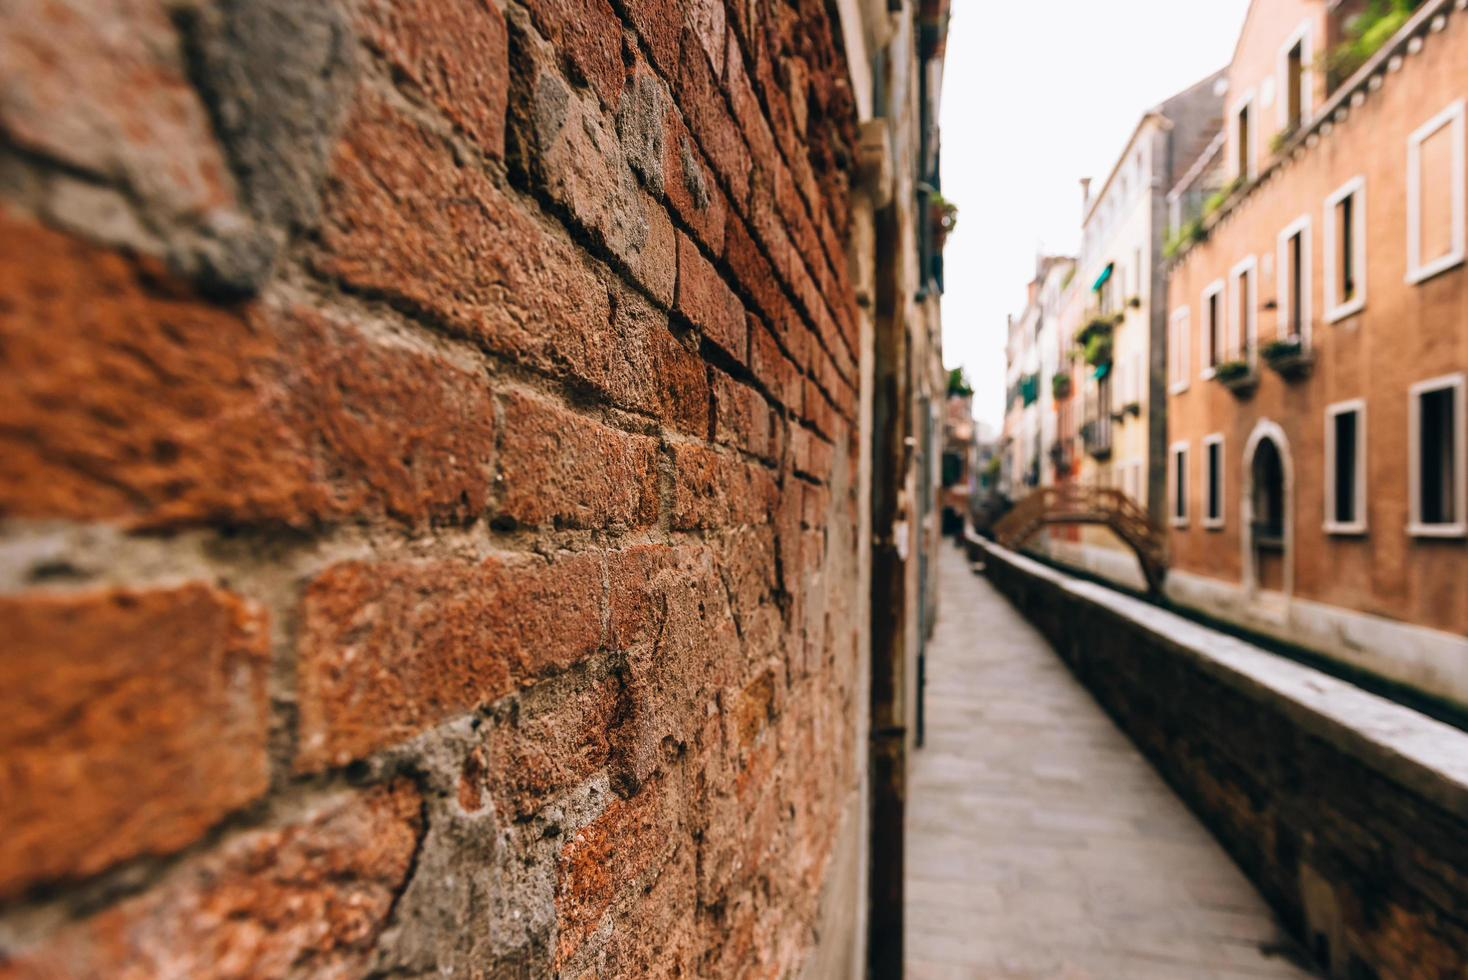 die alten venezianischen straßen italiens foto